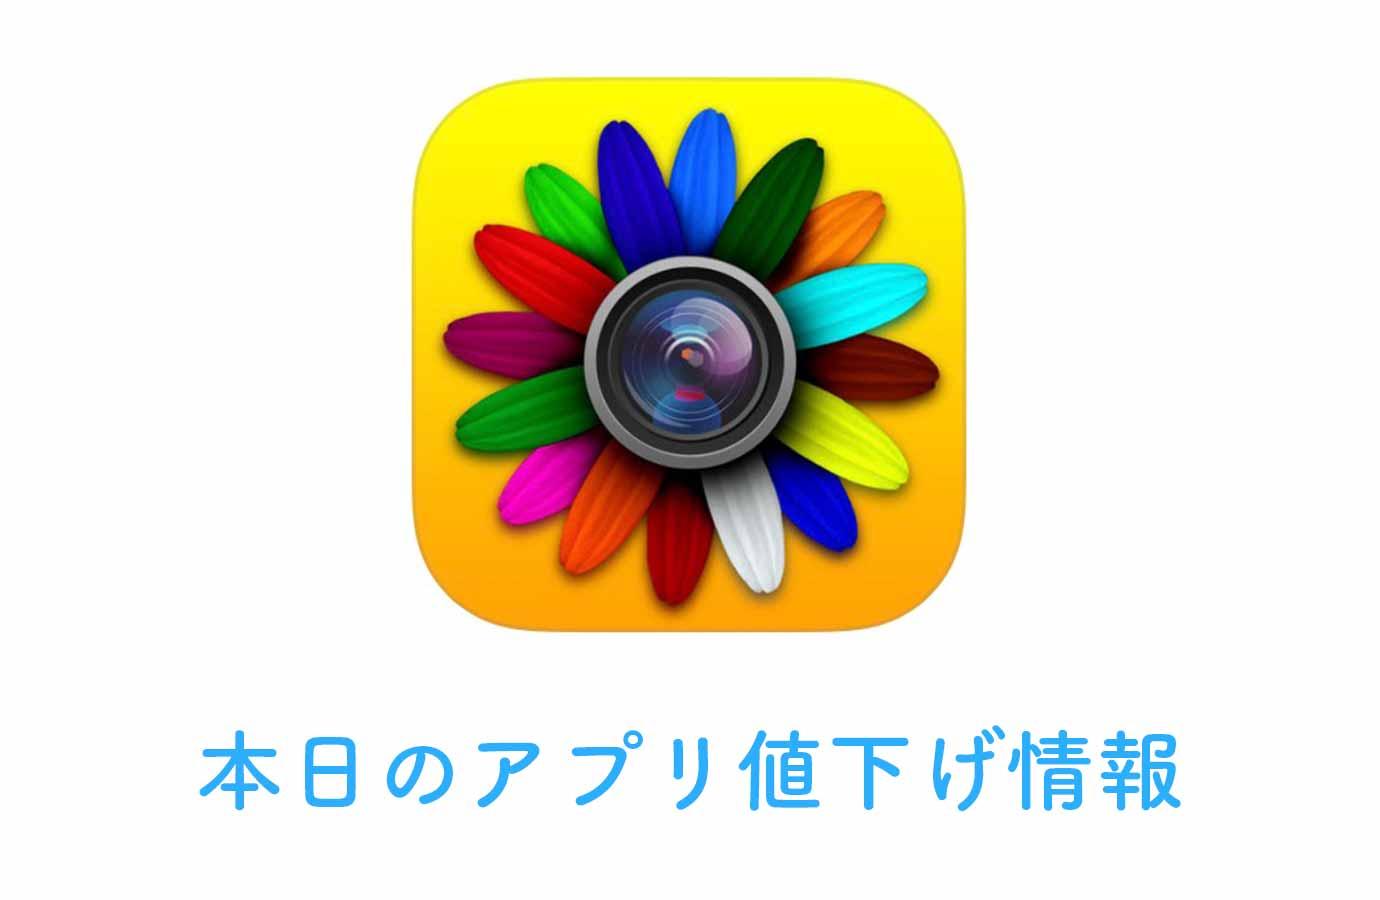 120円→無料!190以上のフィルタを搭載したフォトエディタ「FX Photo Studio」など【11/14】アプリ値下げ情報